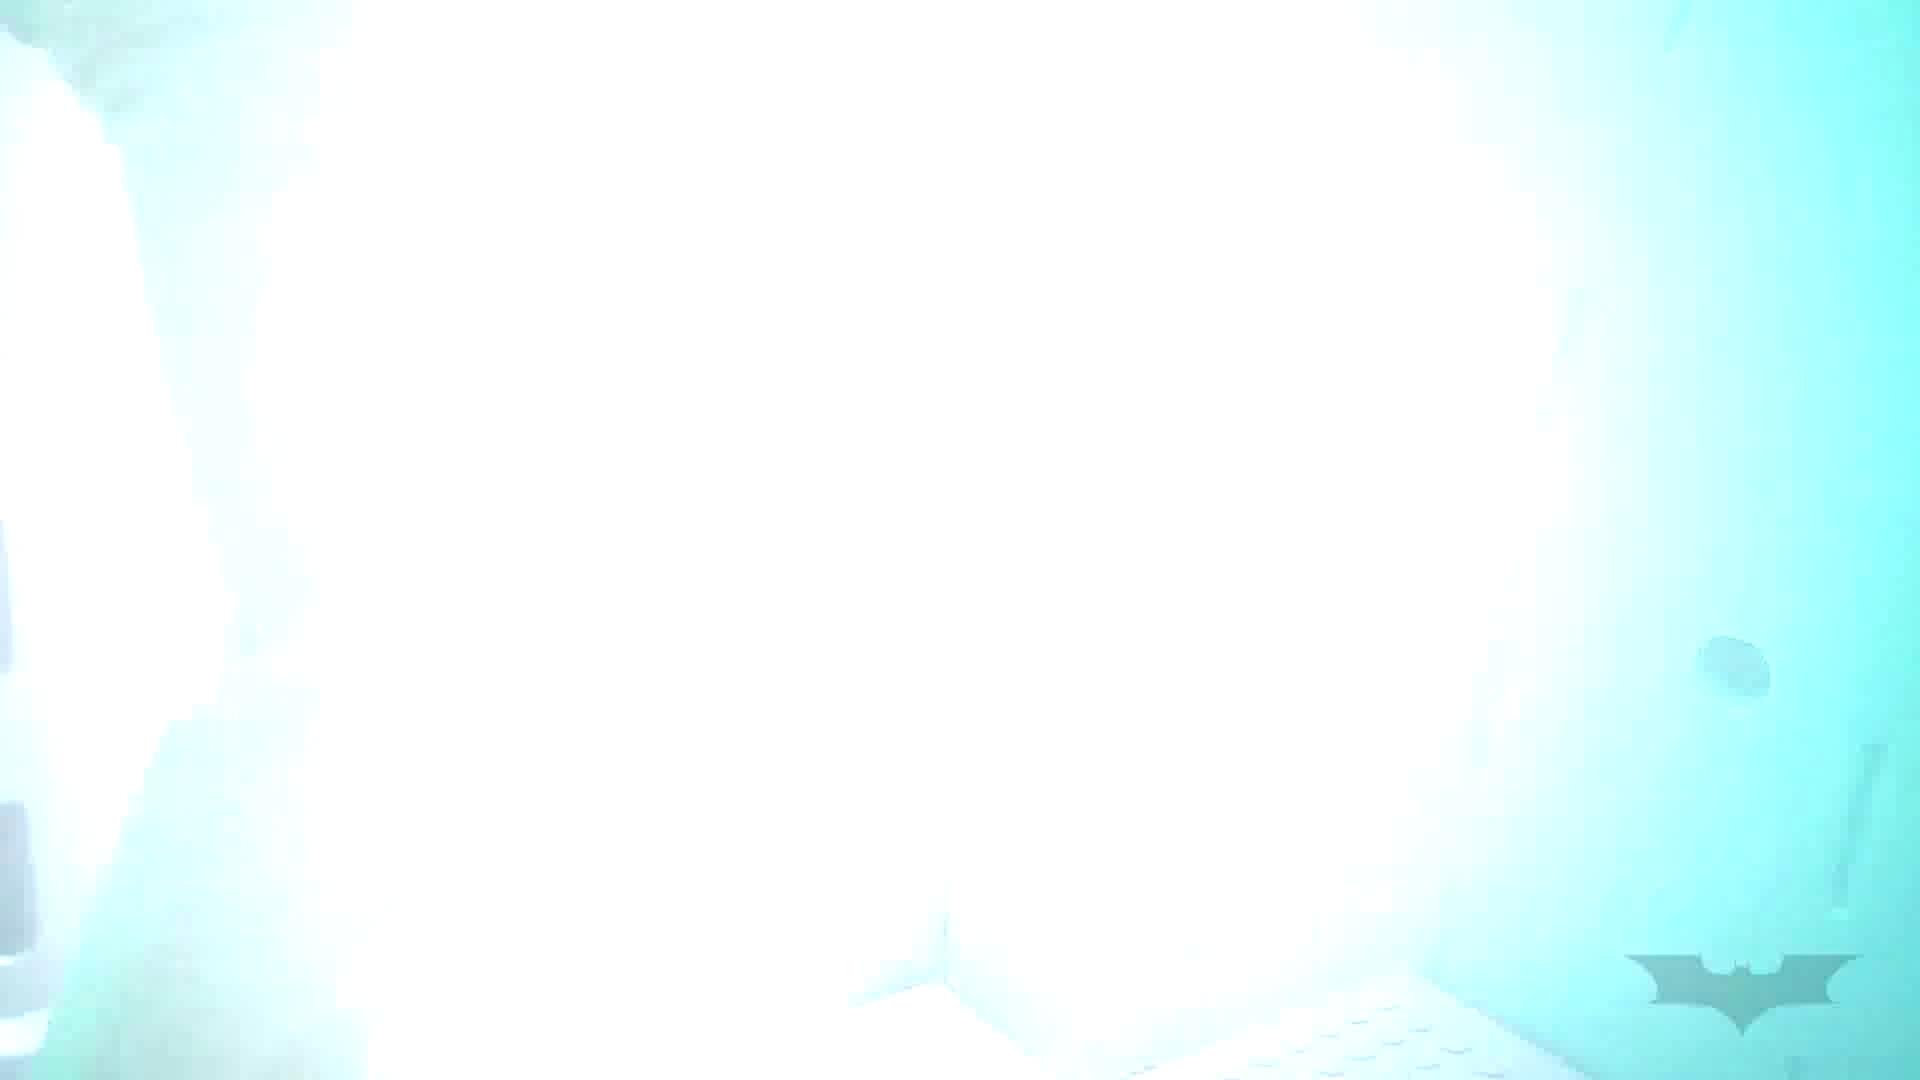 痴態洗面所 Vol.08 たっぷり汚トイレ 高画質動画 AV動画キャプチャ 31画像 28